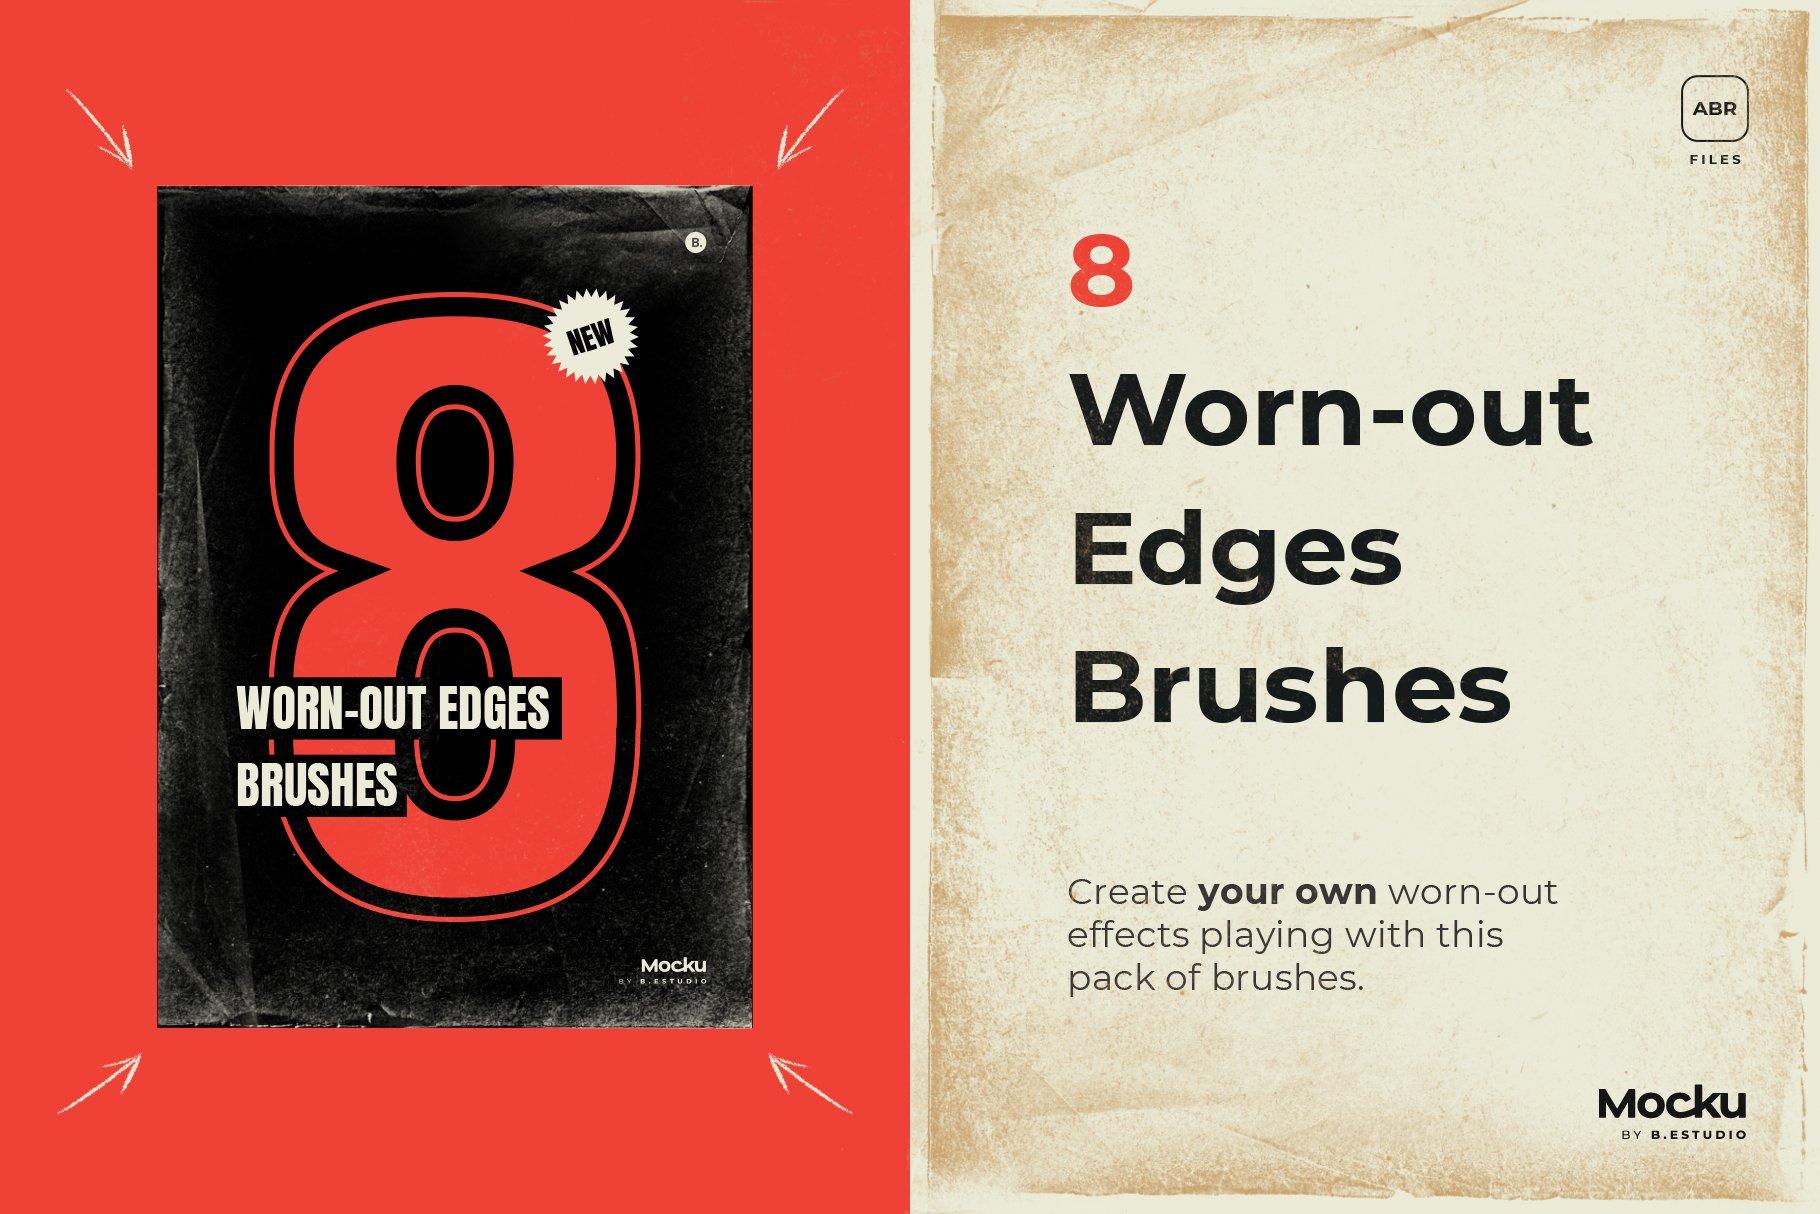 Megapack 复古破旧划痕撕纸褶皱海报PSD模板+笔刷(4318)插图(3)